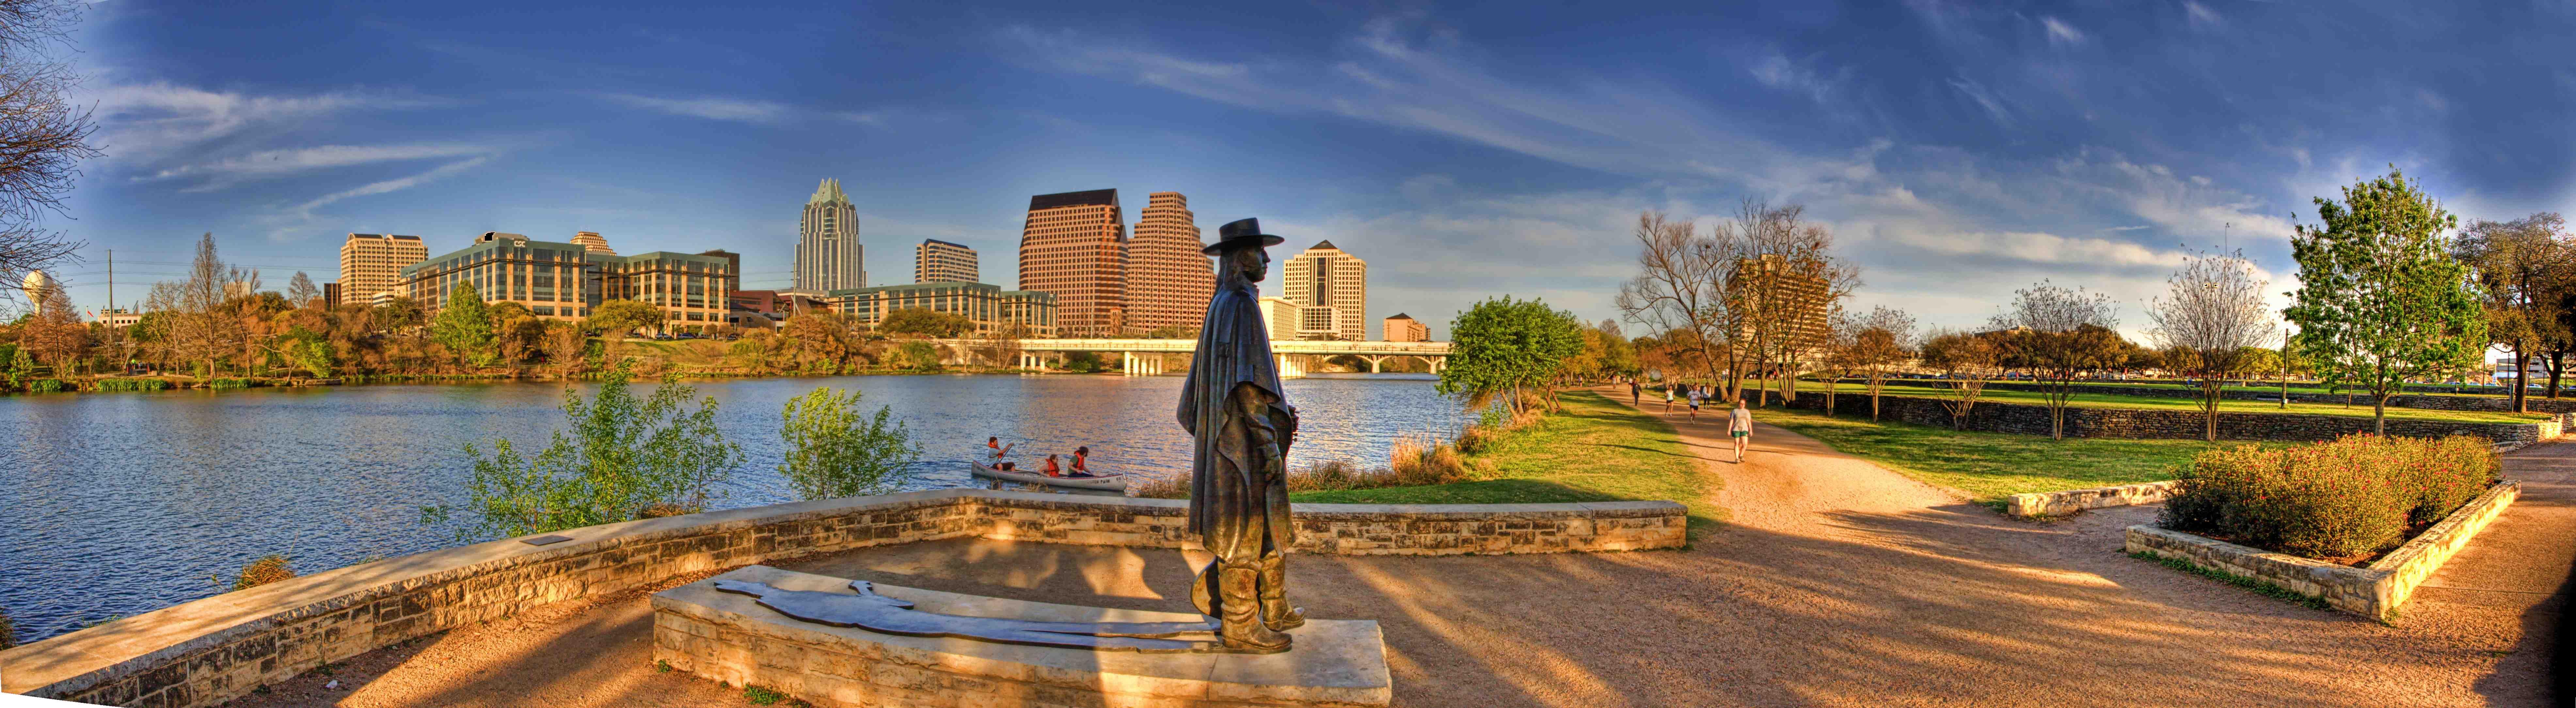 Travel To Austin Texas - Httpwwwnightlifeatxcom